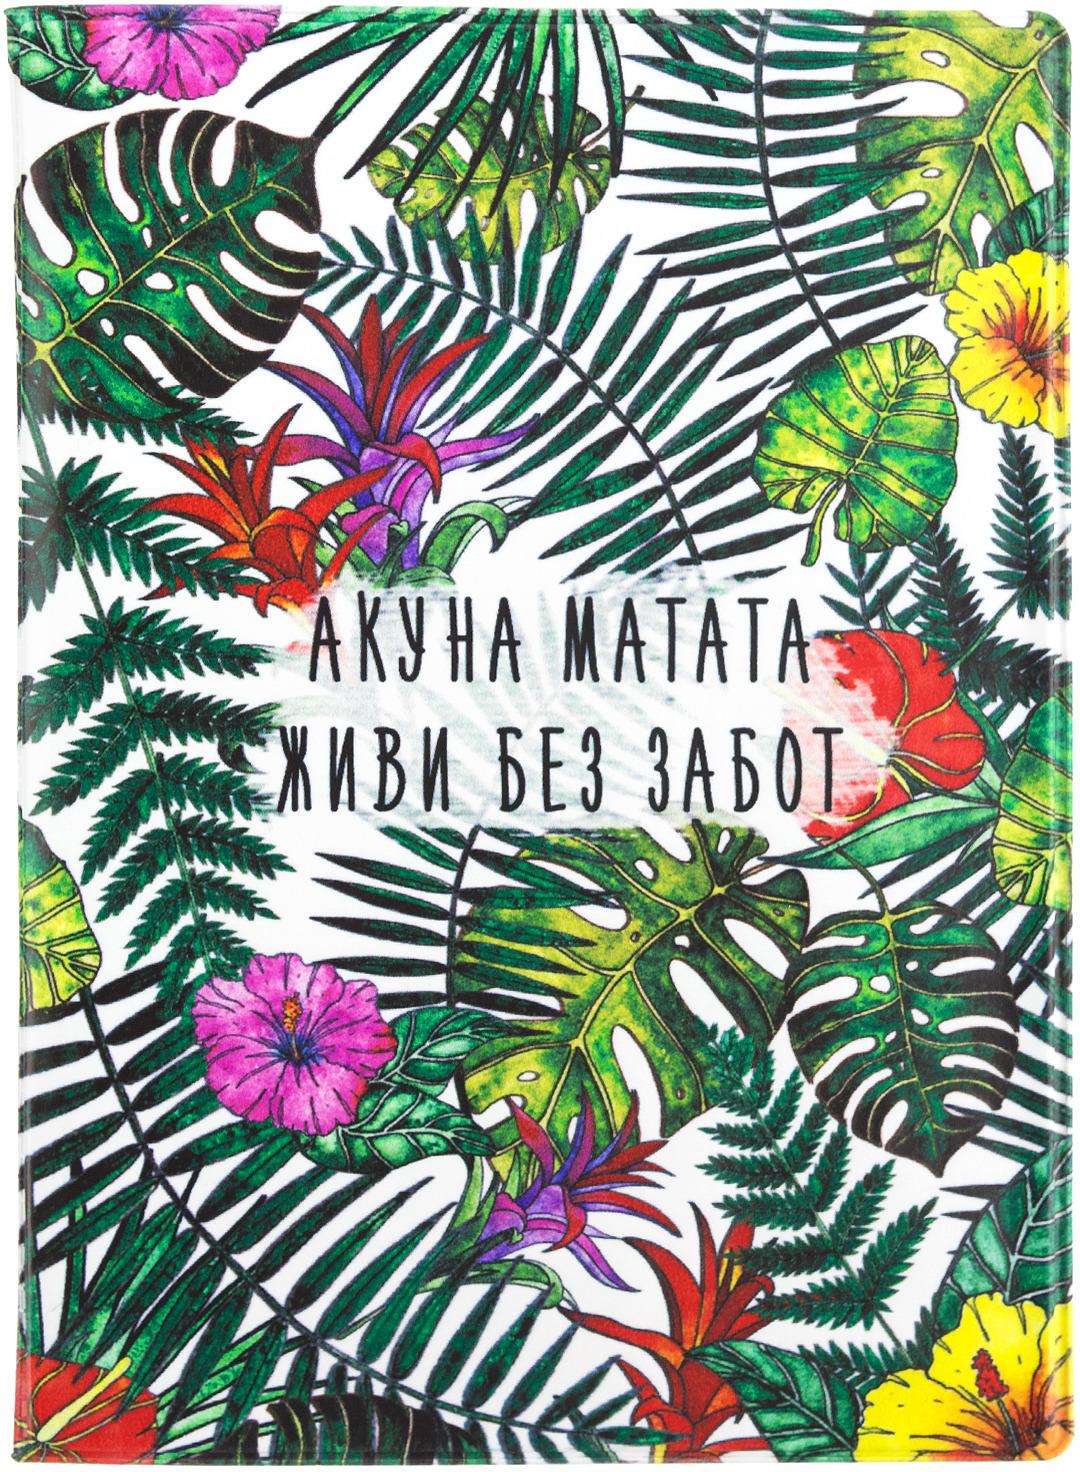 Обложка для паспорта Kawaii Factory Акуна Матата, цвет: белый, зеленый. KW064-000355 обложка для автодокументов kawaii factory инструкция летчику цвет зеленый kw063 000022